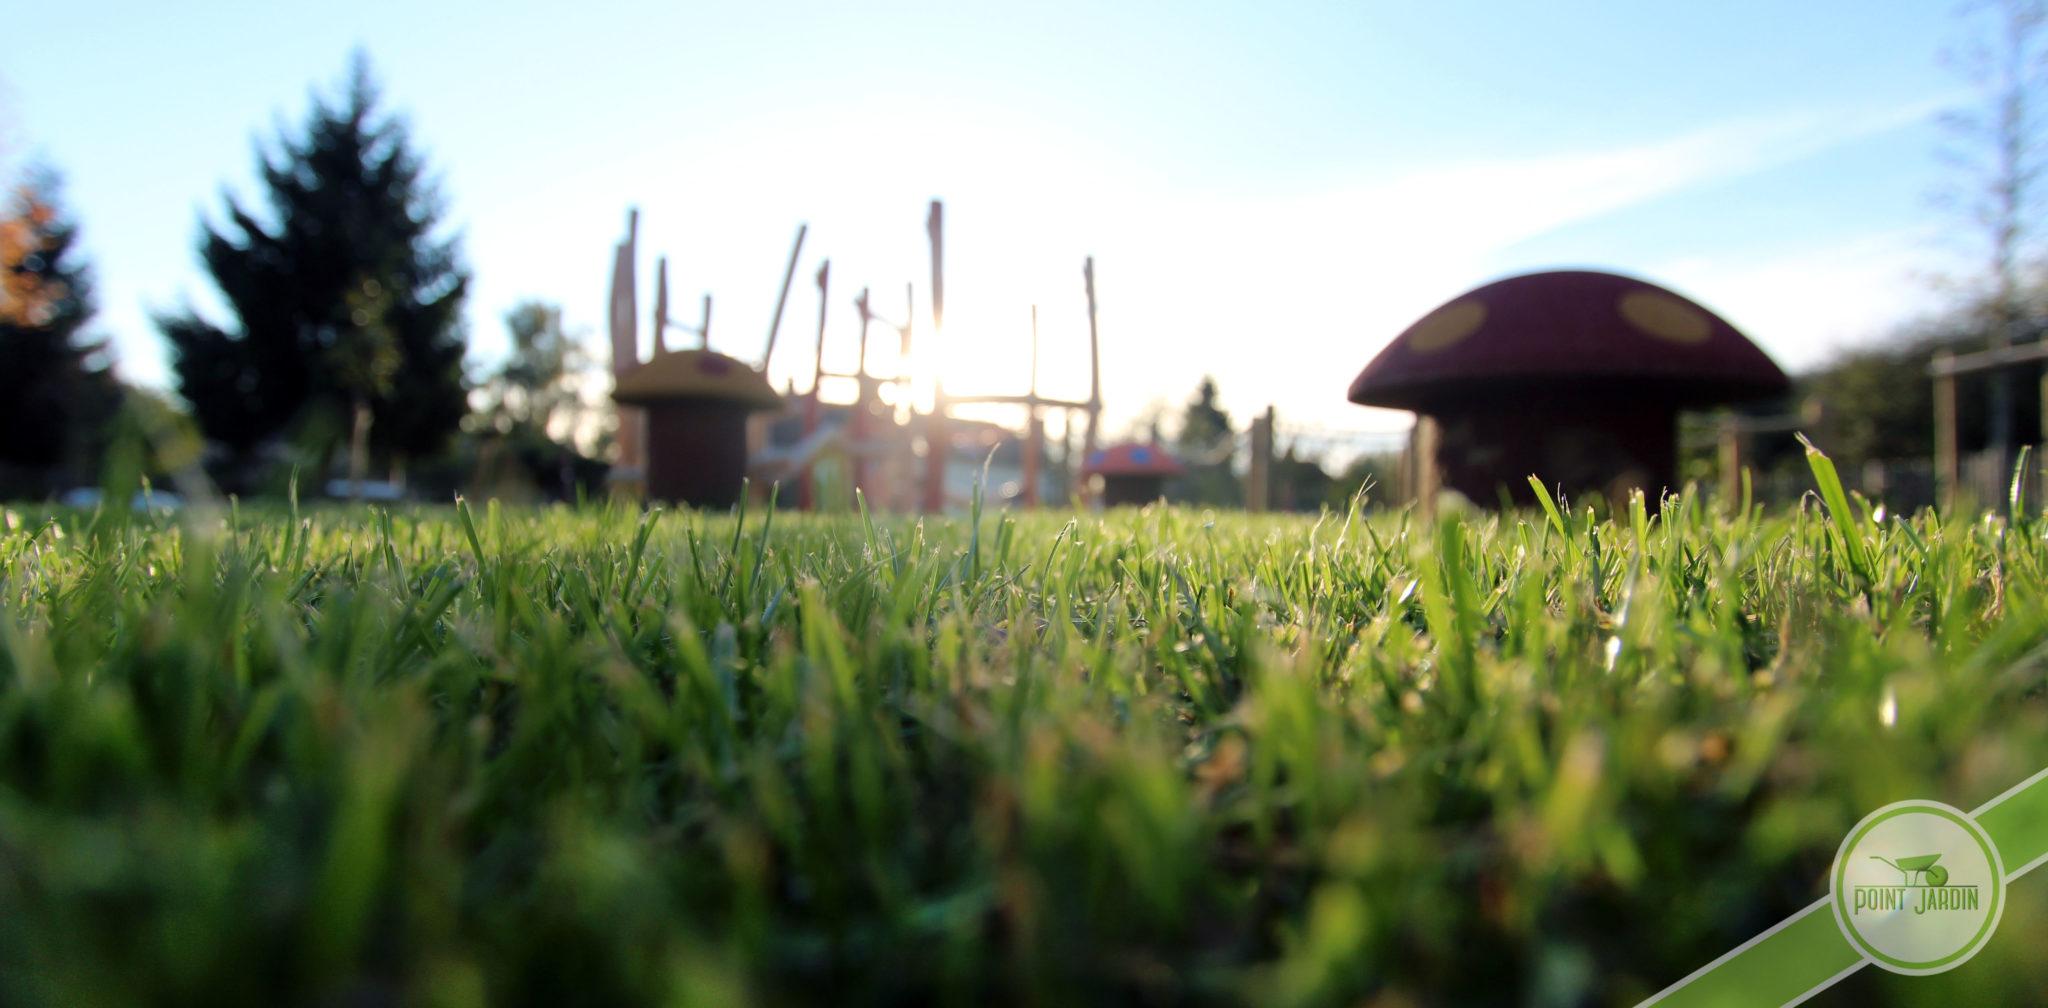 Un Beau Gazon En 6 Étapes - Point Jardin serapportantà Point Vert Le Jardin